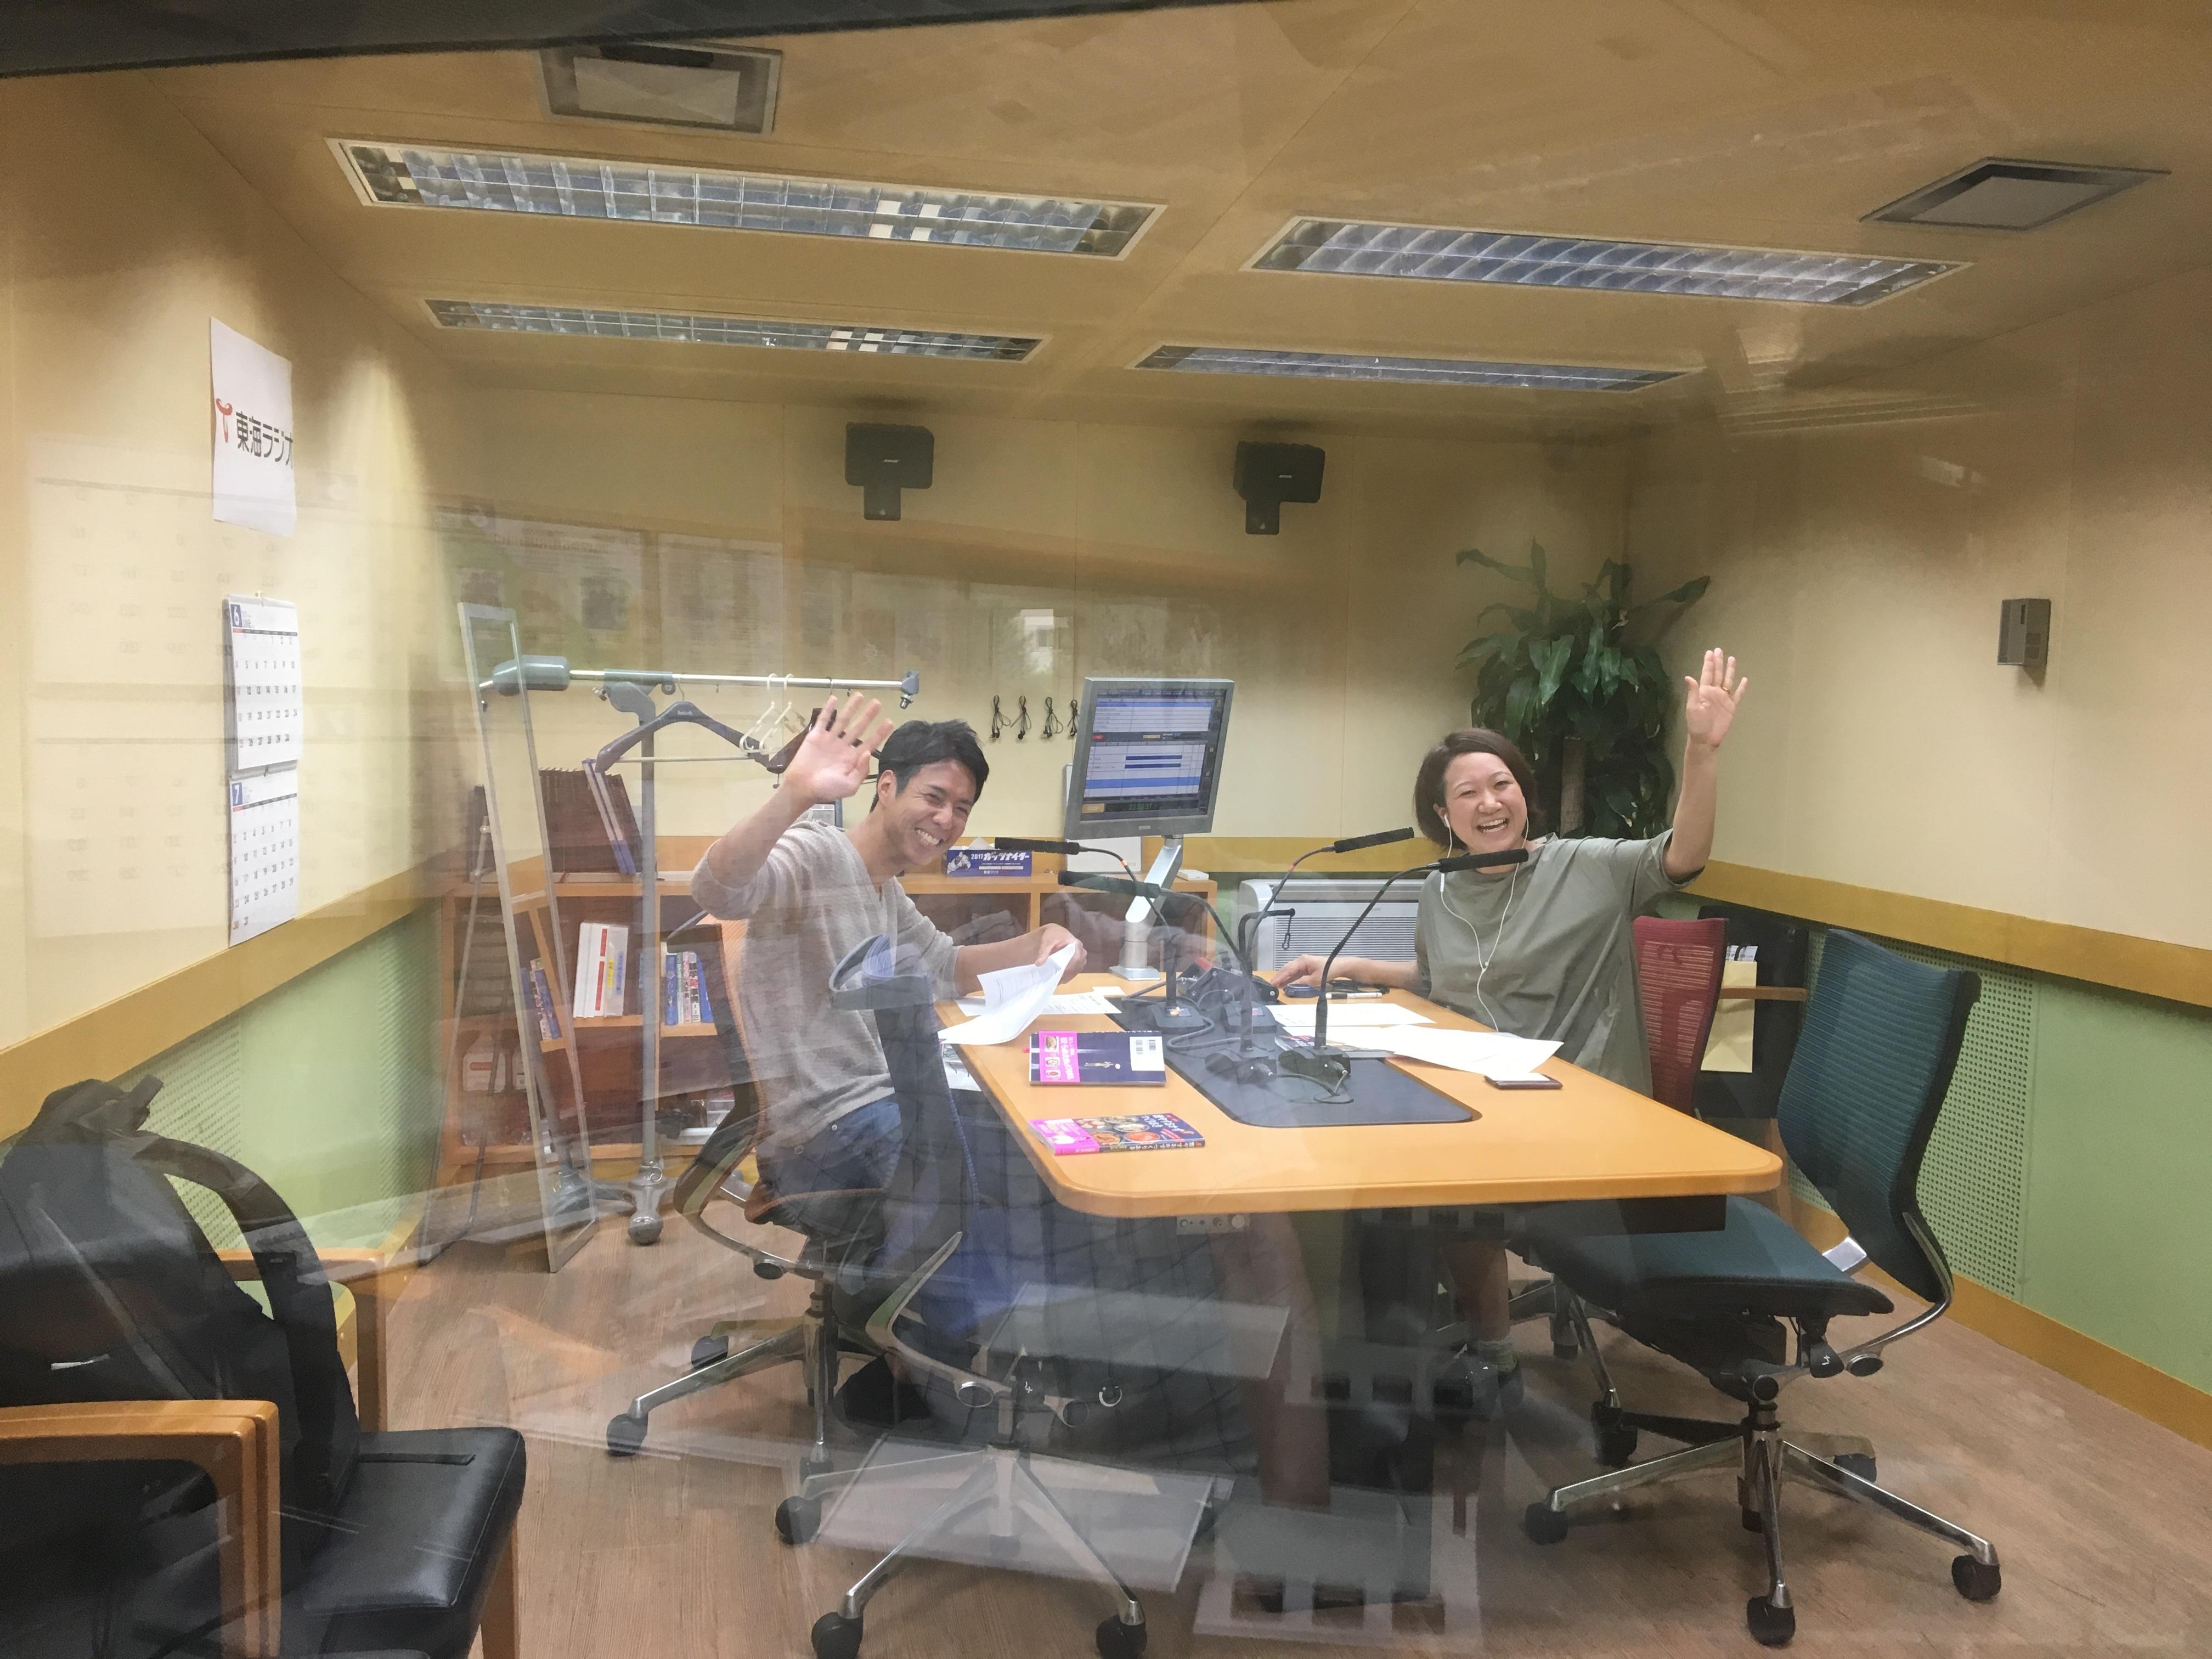 高橋善郎:東海ラジオ「TOKYO UPSIDE STATION」に出演